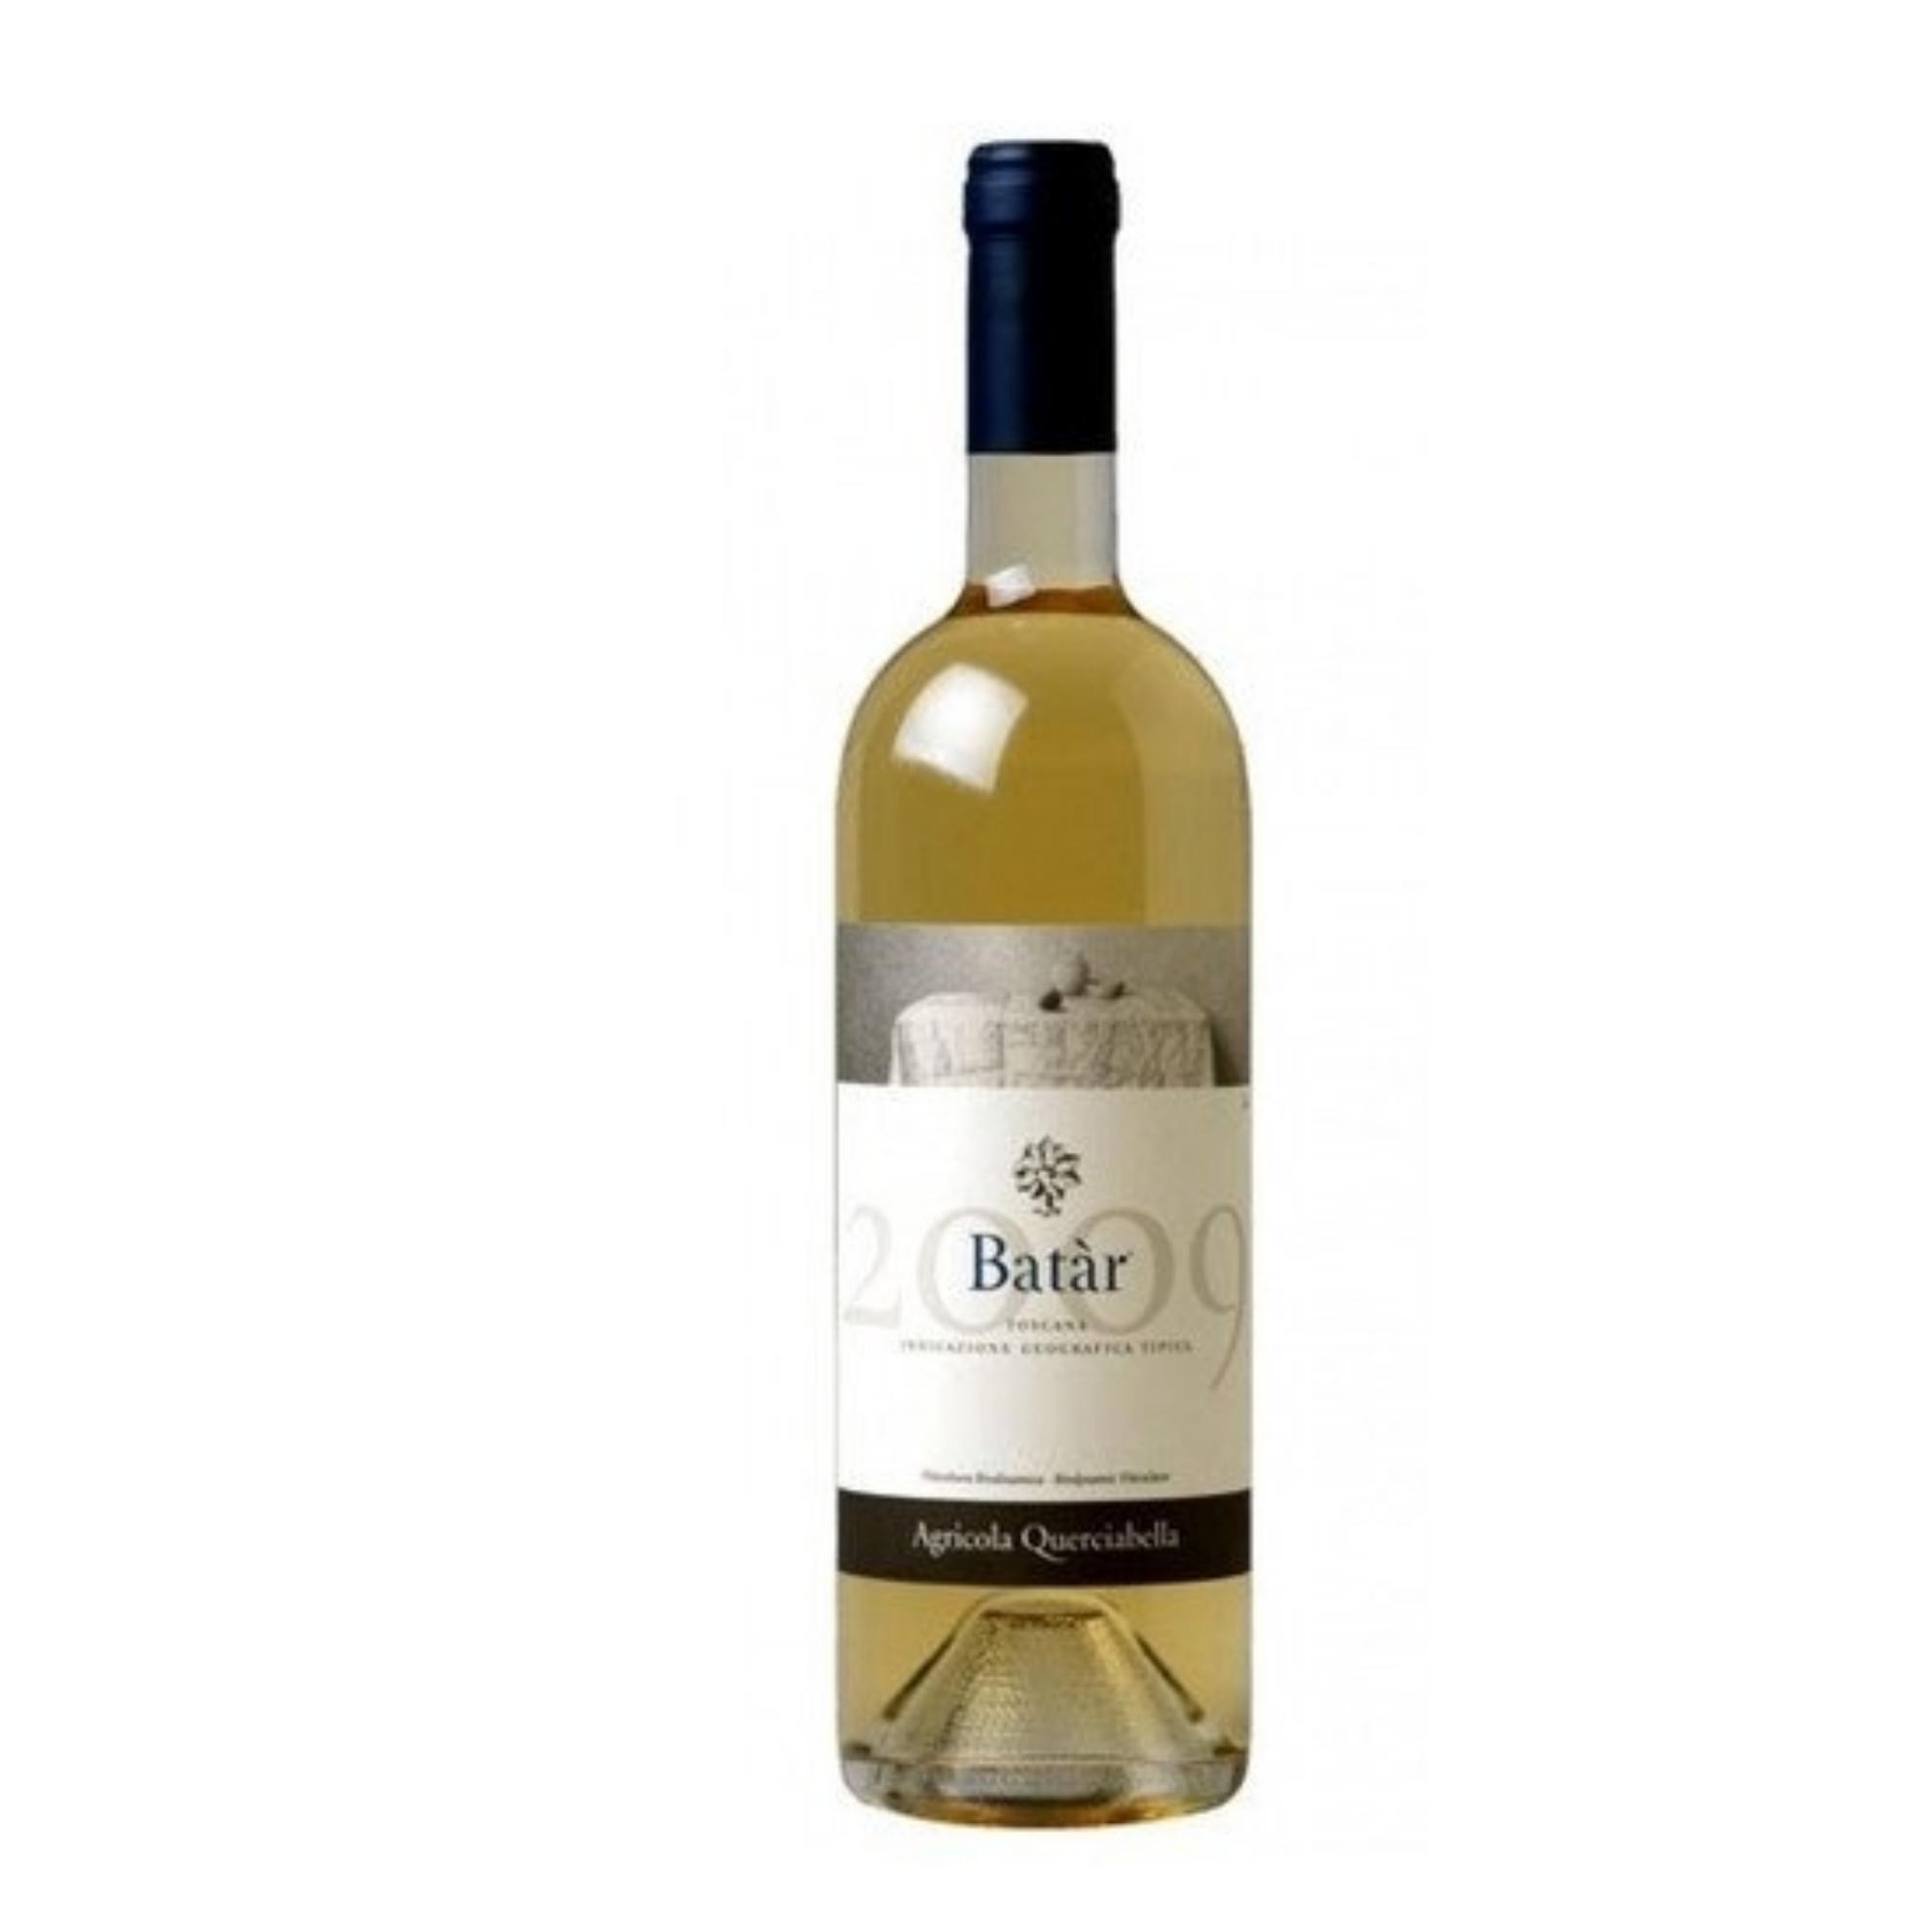 Querciabella Batar Chardonnay